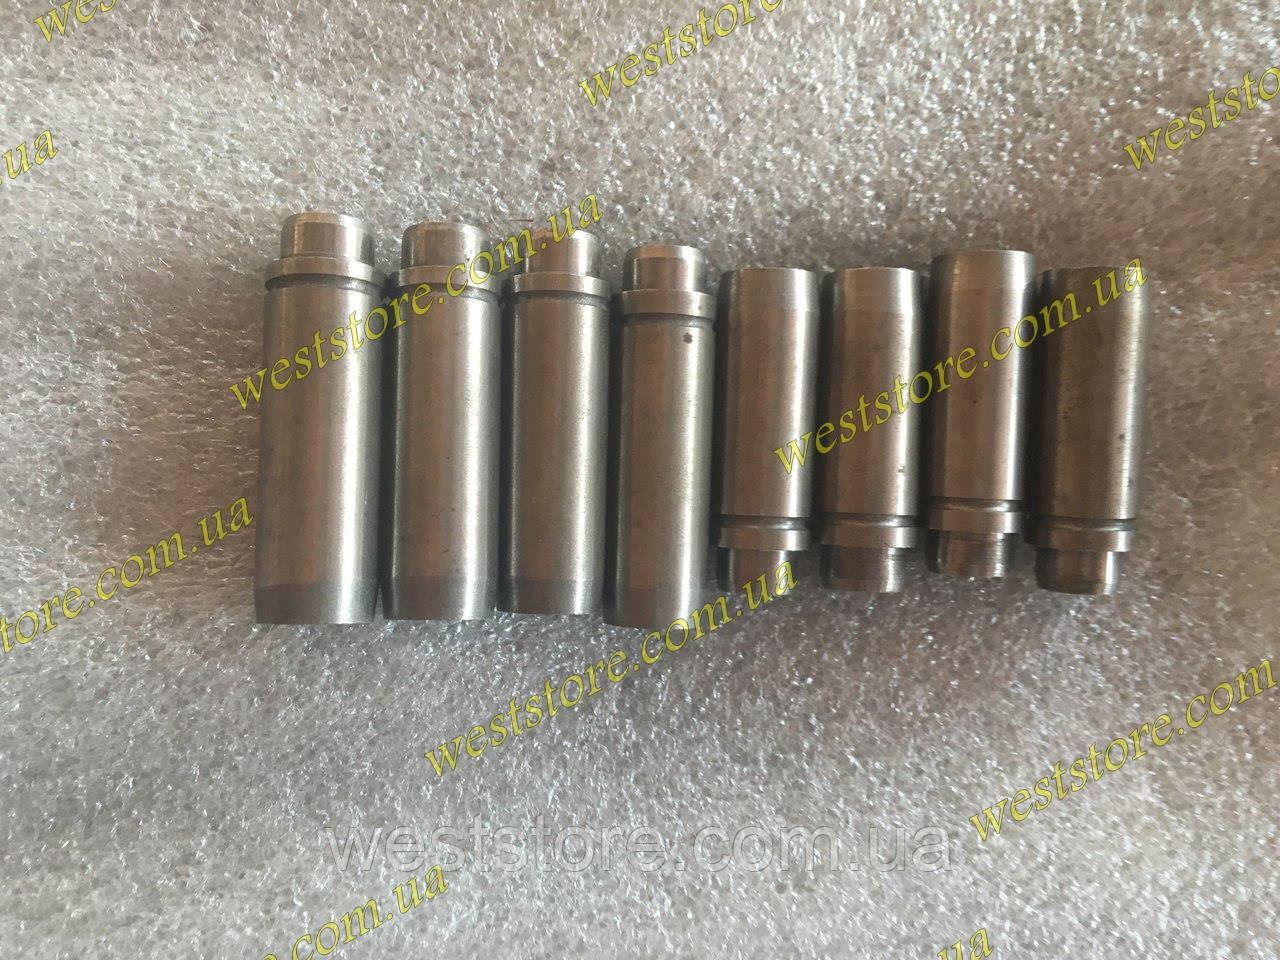 Направляющие втулки клапанов Ваз 2101 2102 2103 2104 2105 2106 2107 АвтоВаз стандарт (к-т 8 шт)